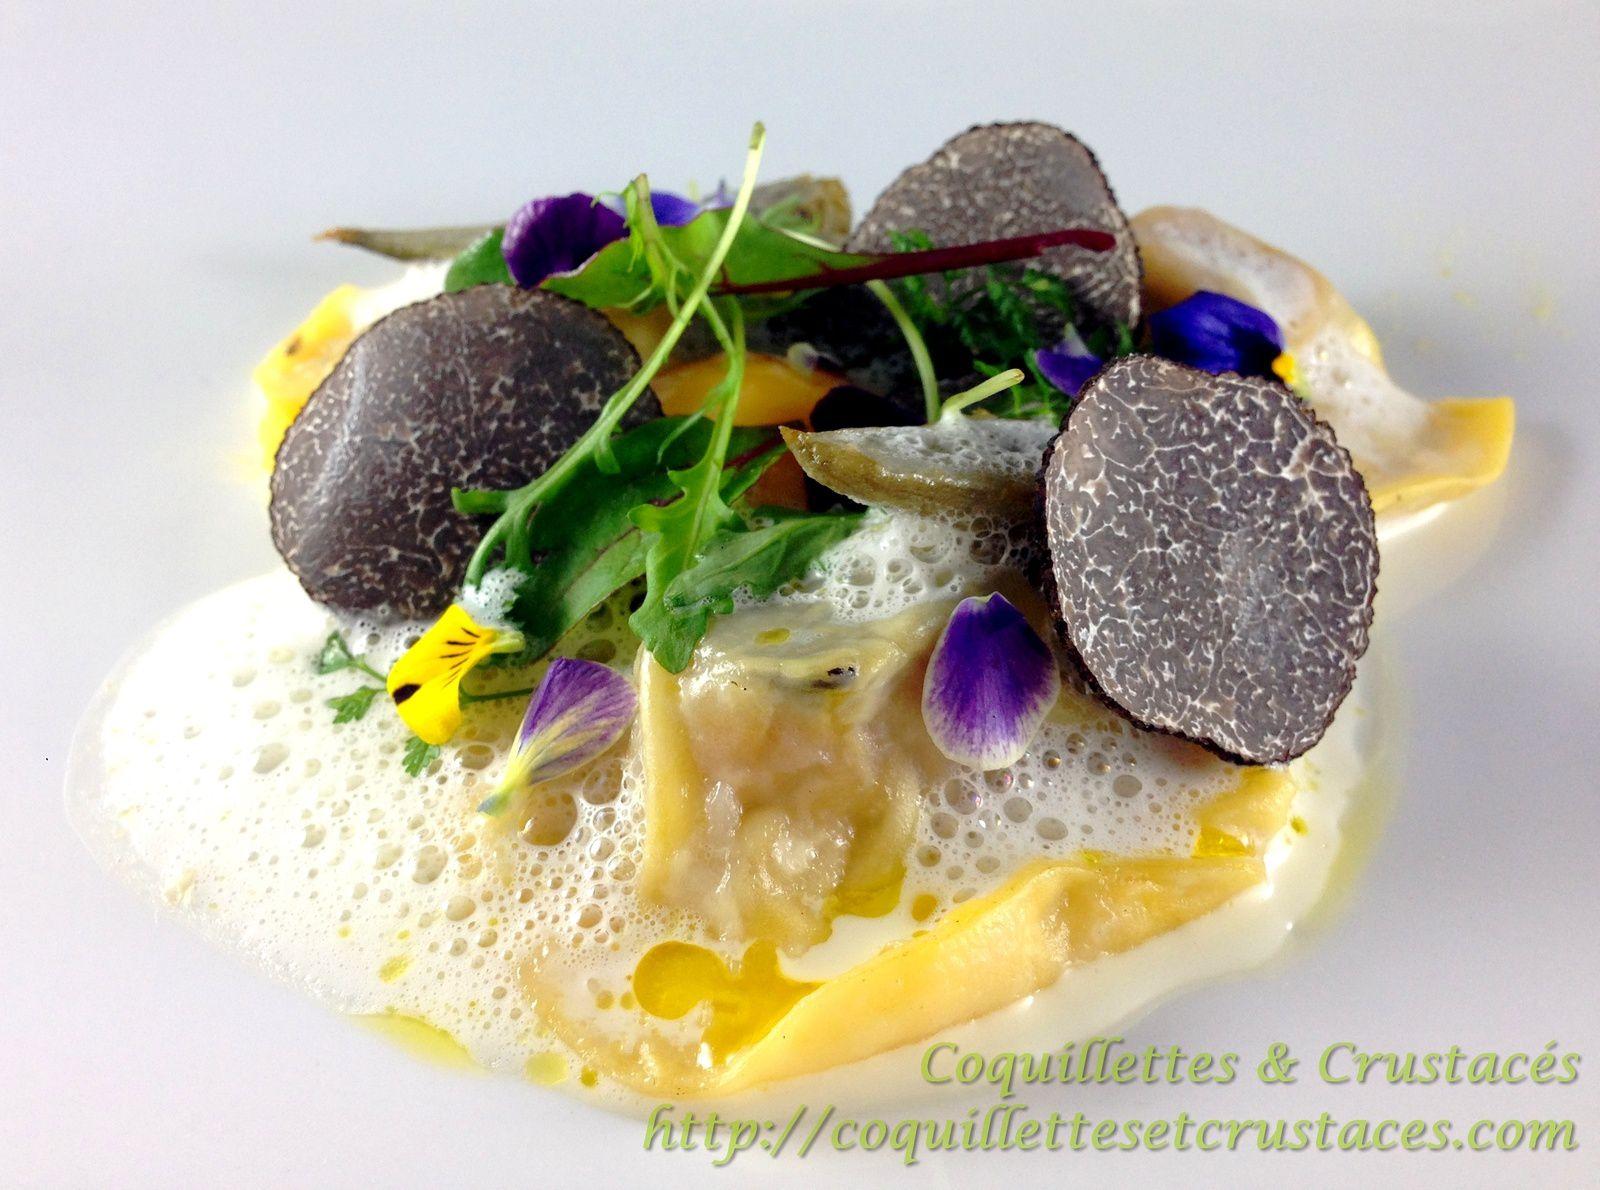 """Une des recettes proposée ce week-end par Cédric de """"Coquillettes et crustacés"""" : http://coquillettesetcrustaces.com/recette-truffe-raviole-de-foie-gras-oeuf-basse-temperature/"""